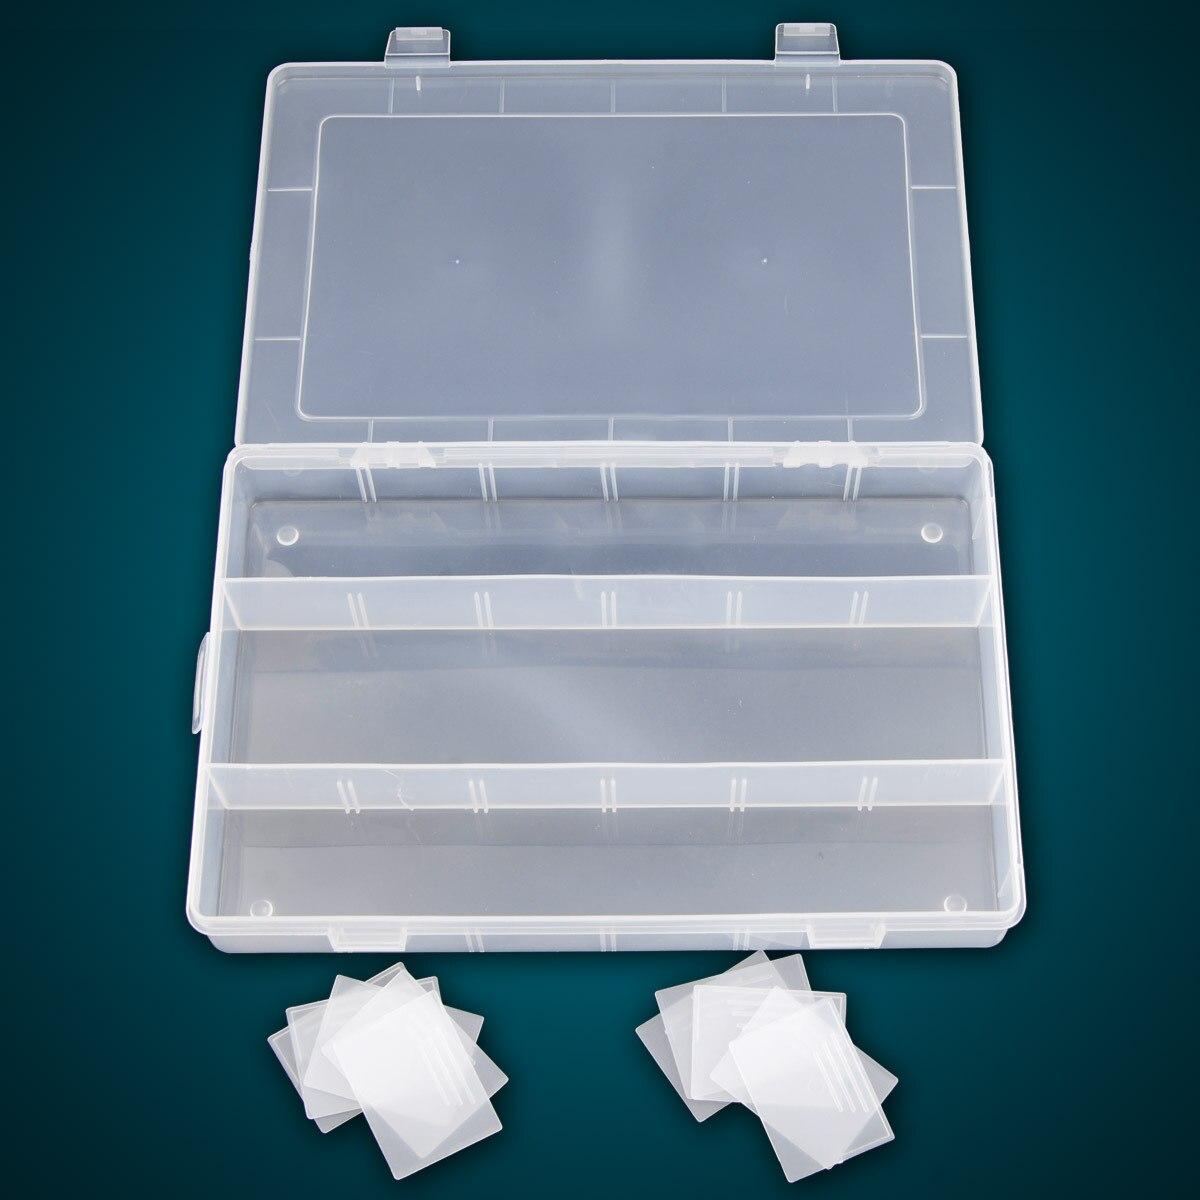 13 большой решетки Пластик прозрачный съемный Бесплатная Комбинации шкатулка/хранения/ящик для хранения